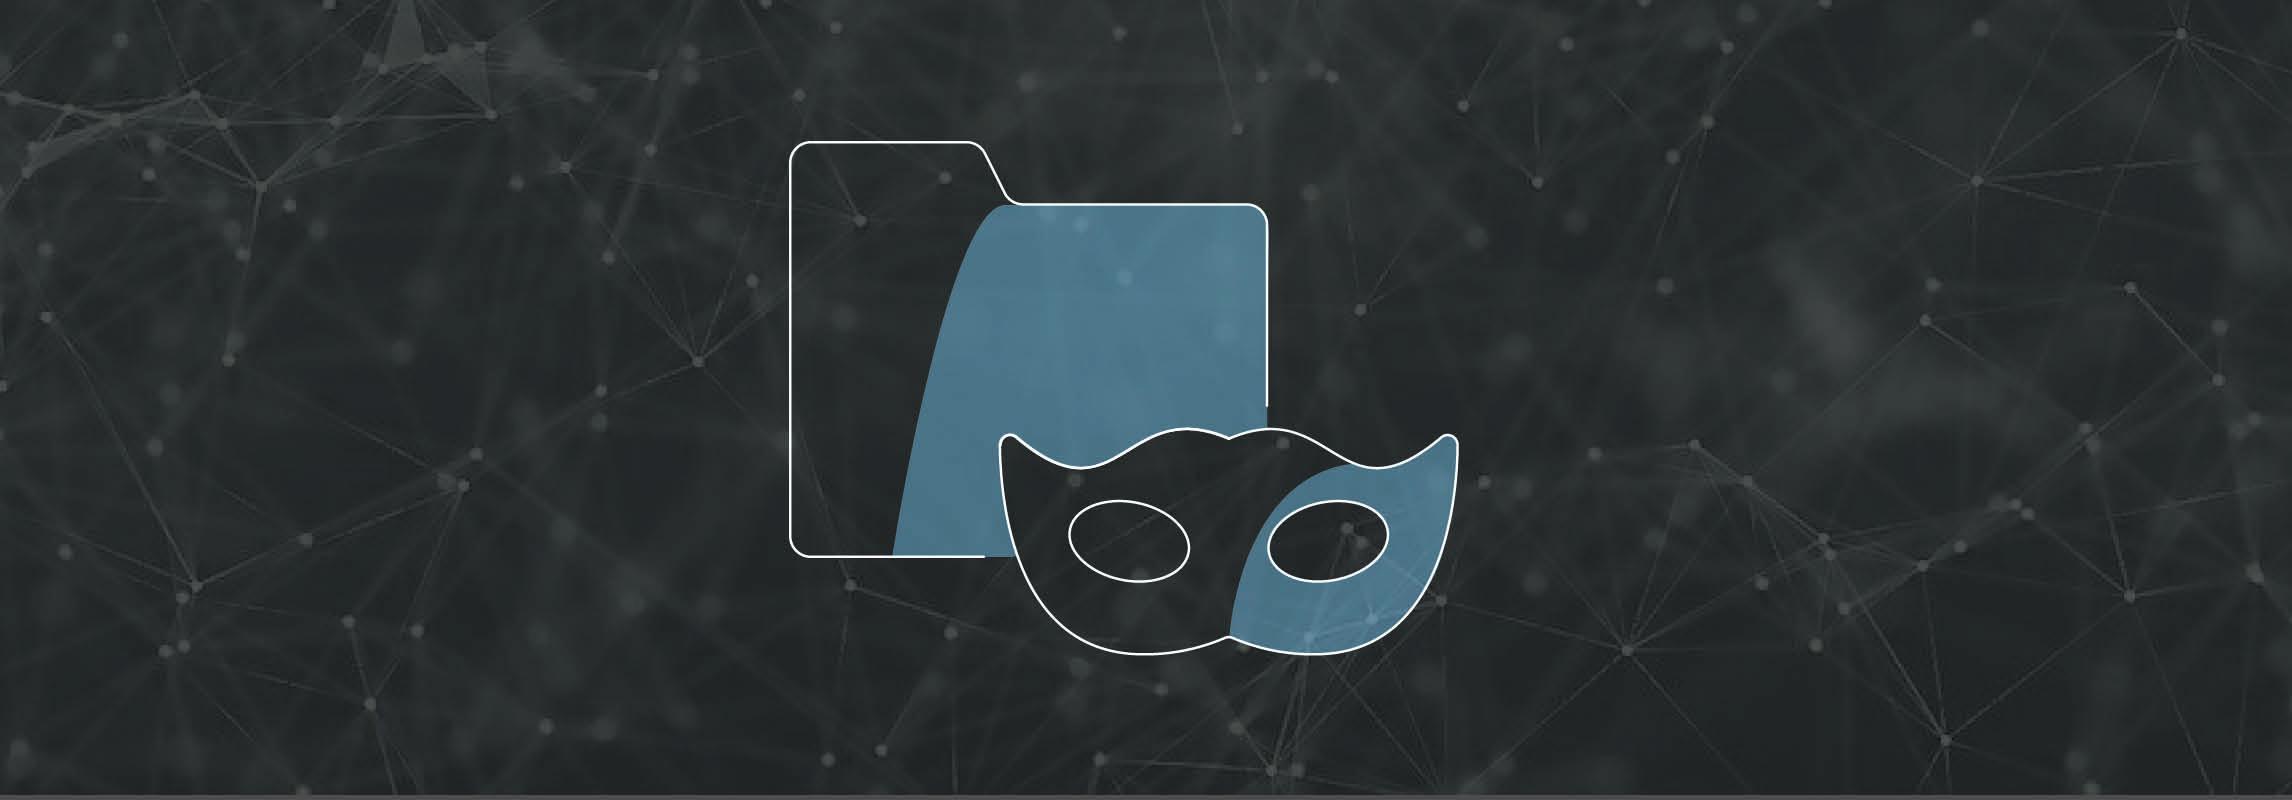 Libelle DataMasking Icon on Networking Background